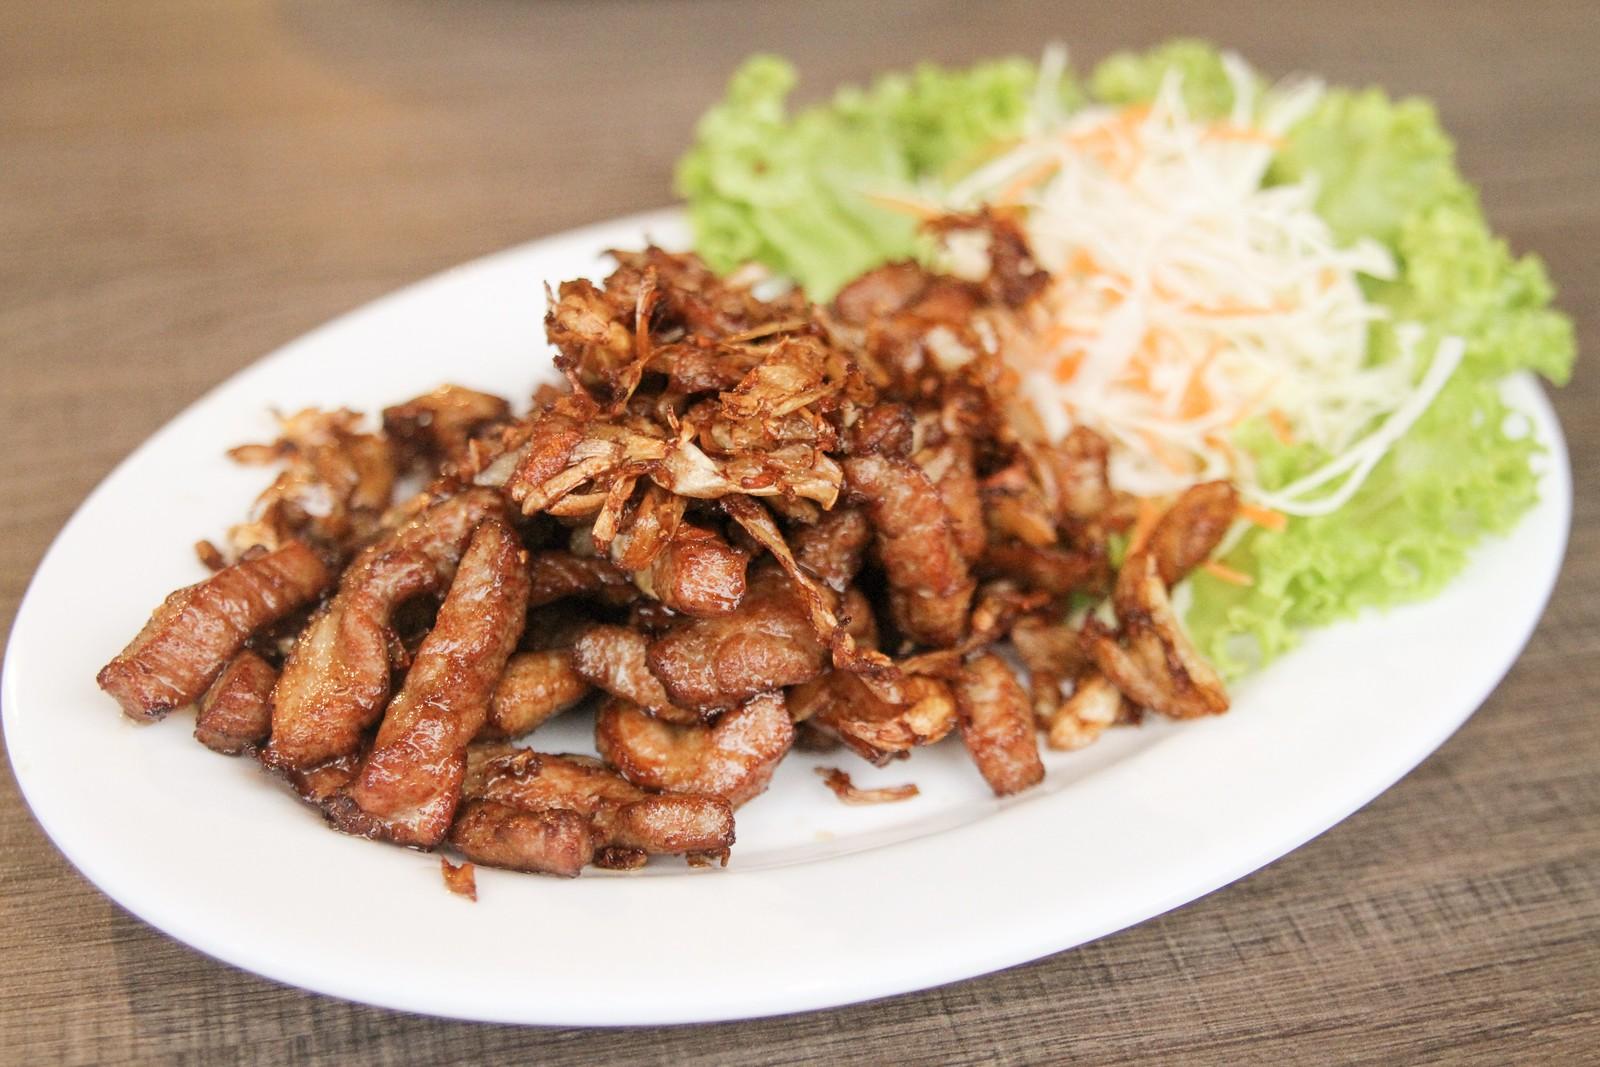 Penguin's Kitchen Deep Fried Garlic Pork